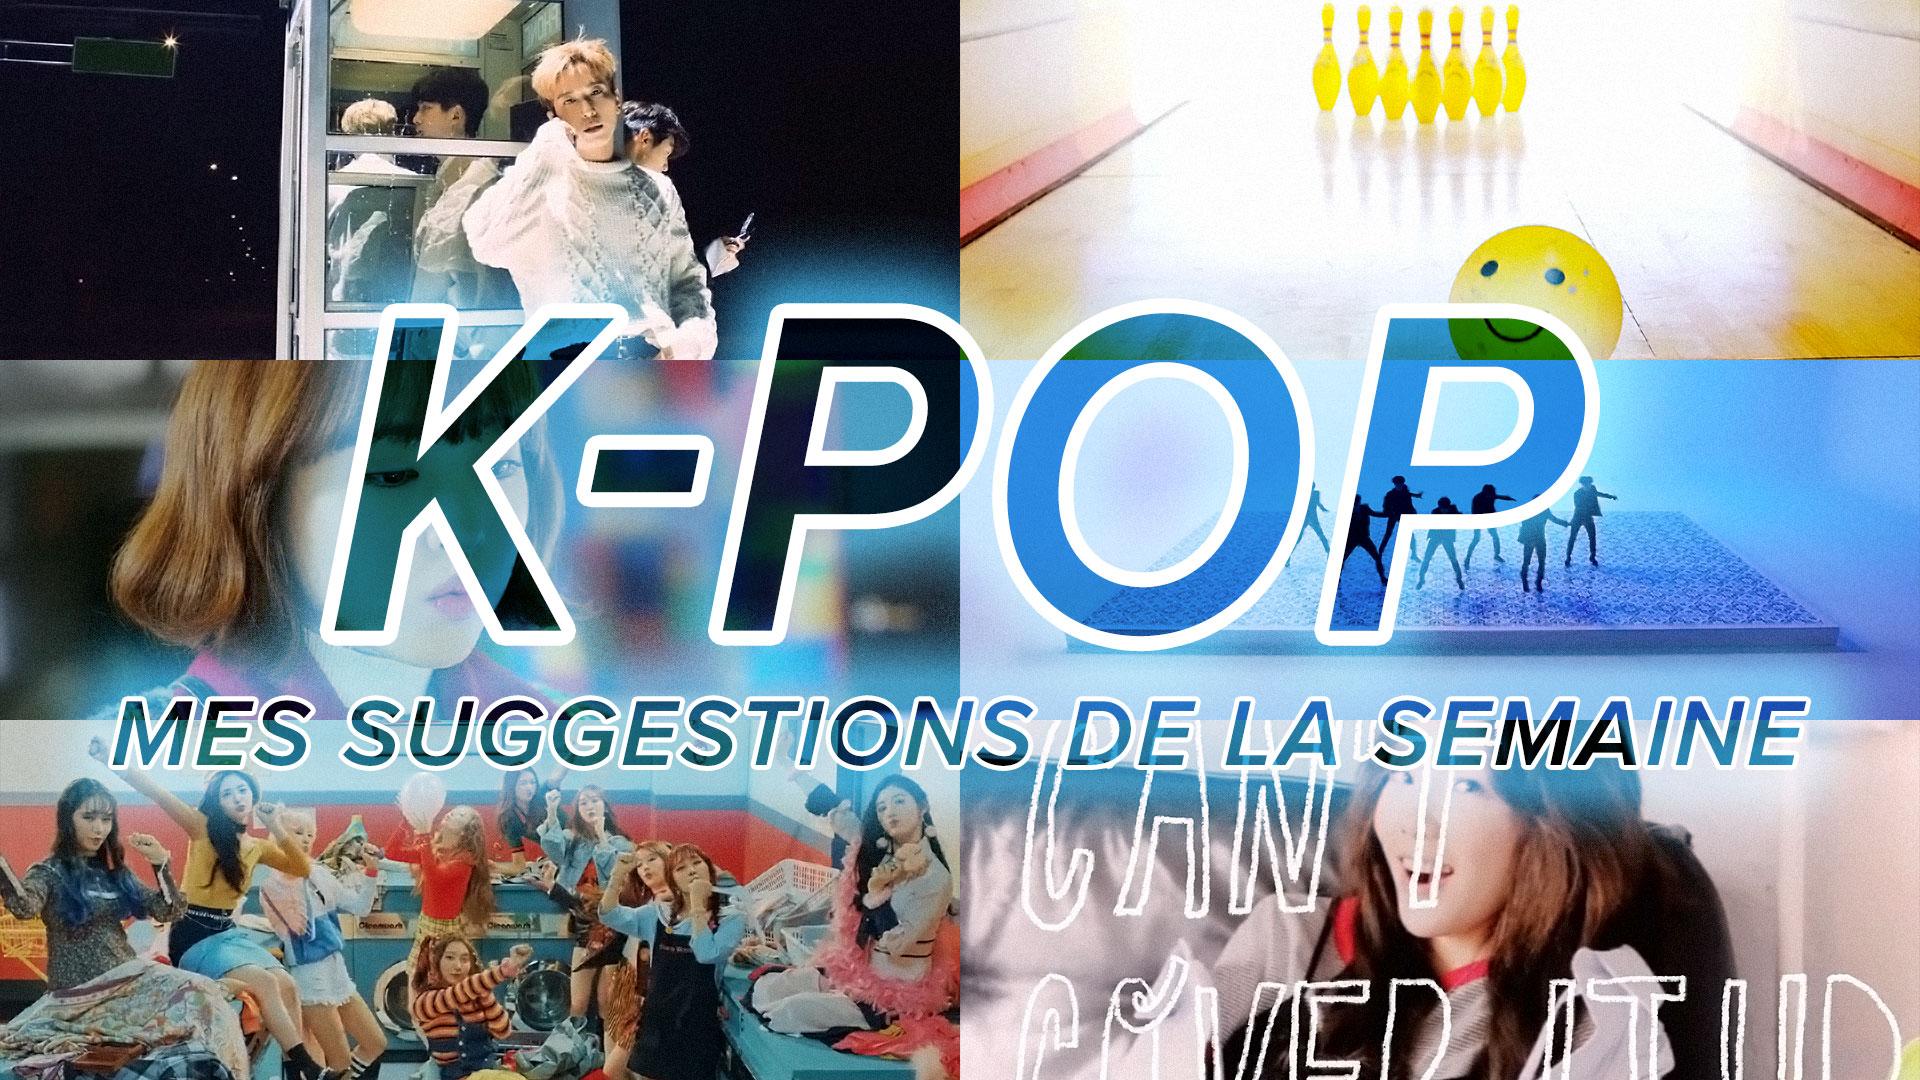 [Découverte] Mes suggestions des vidéoclips K-Pop du 19 au 25 mars 2017